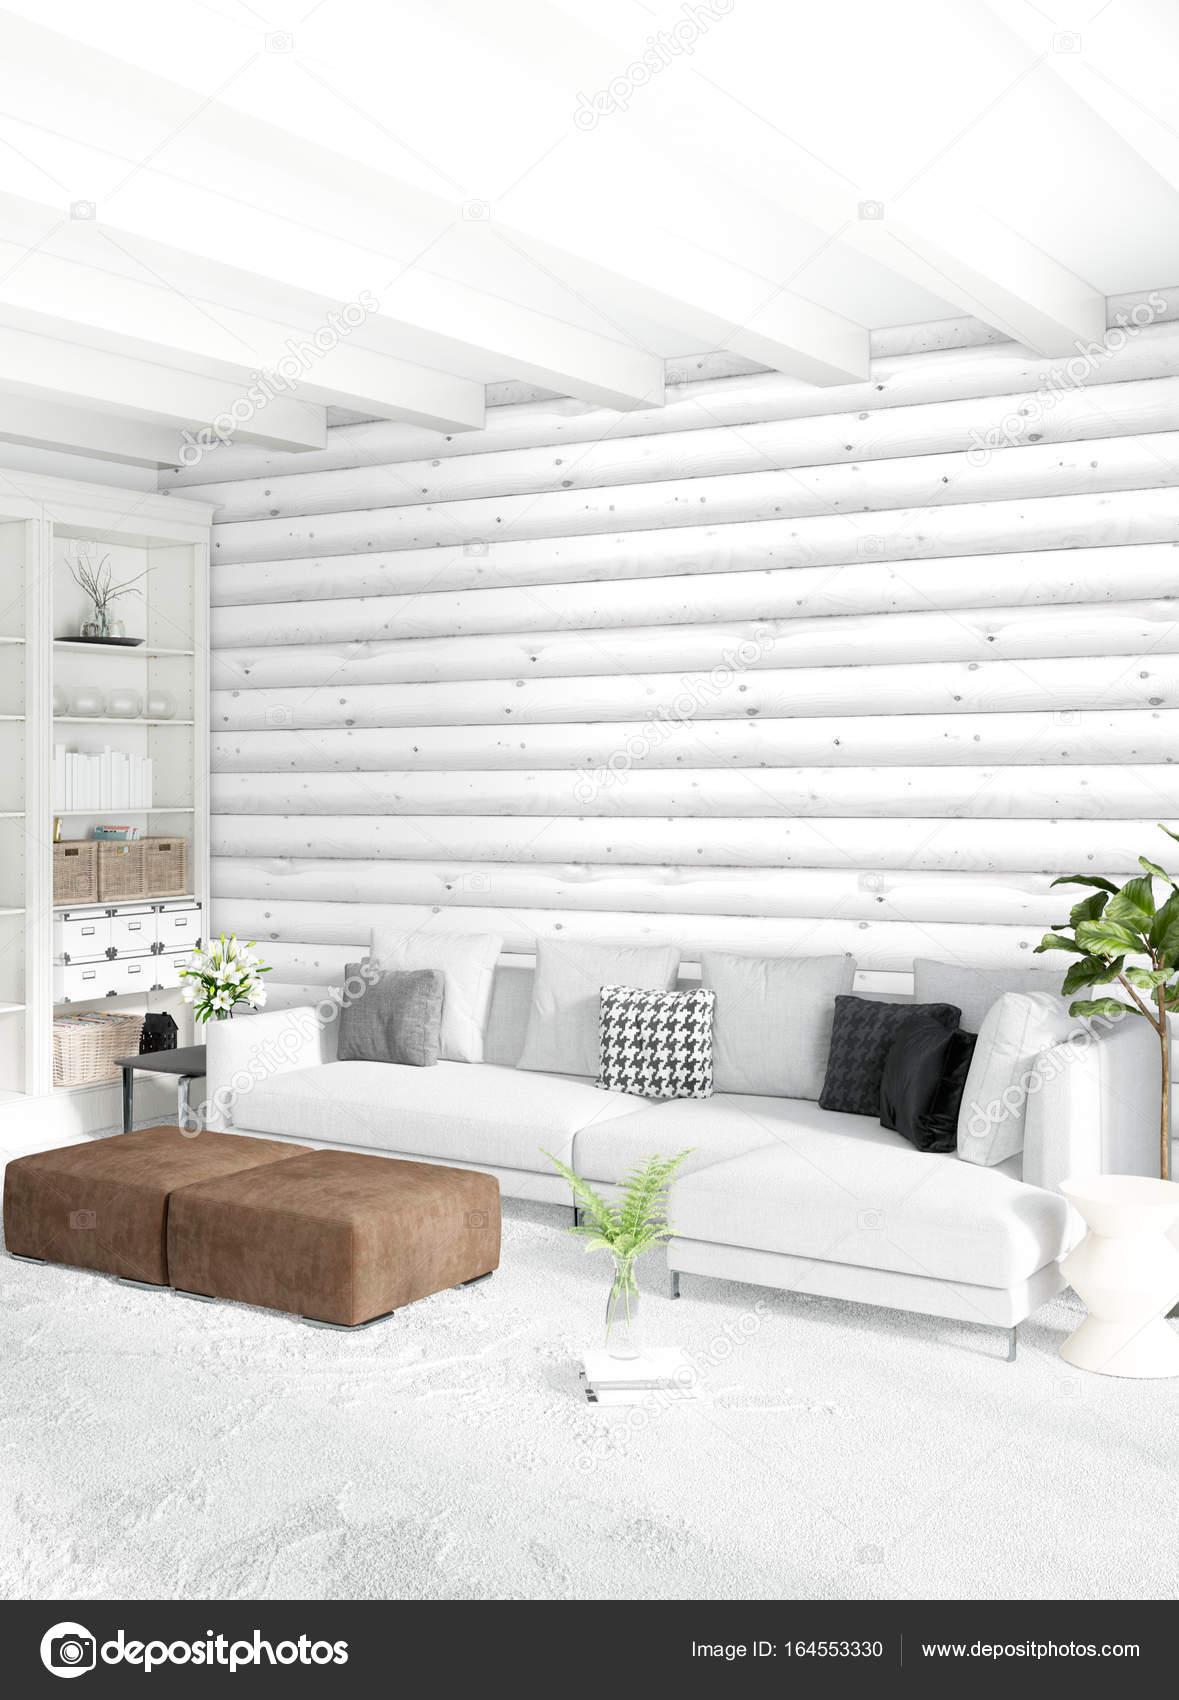 Estilo minimalista dise o de interiores con madera de la for Diseno de dormitorio blanco